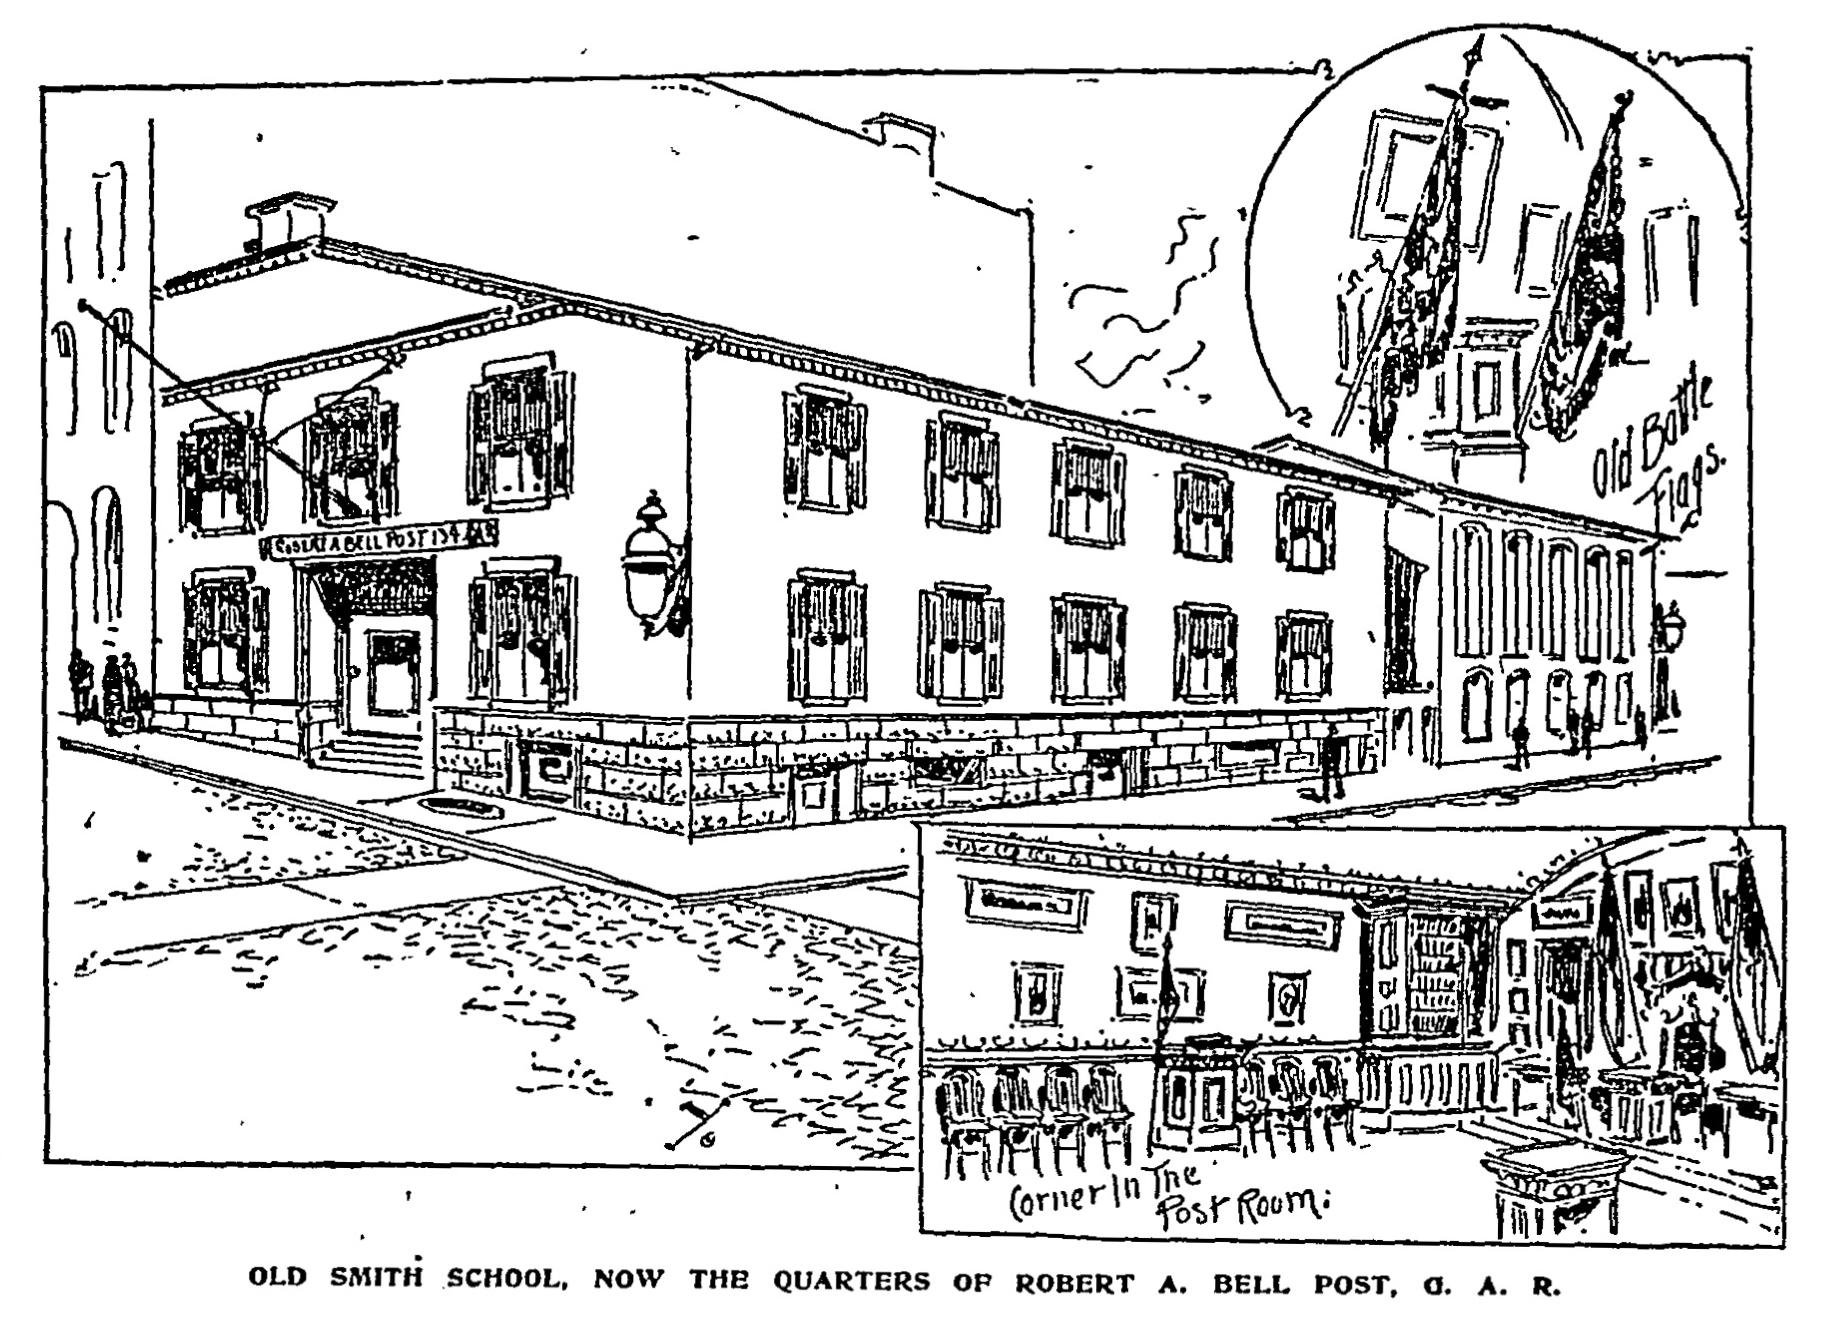 Robert A. Bell Post, 134, G.A.R. Headquarters